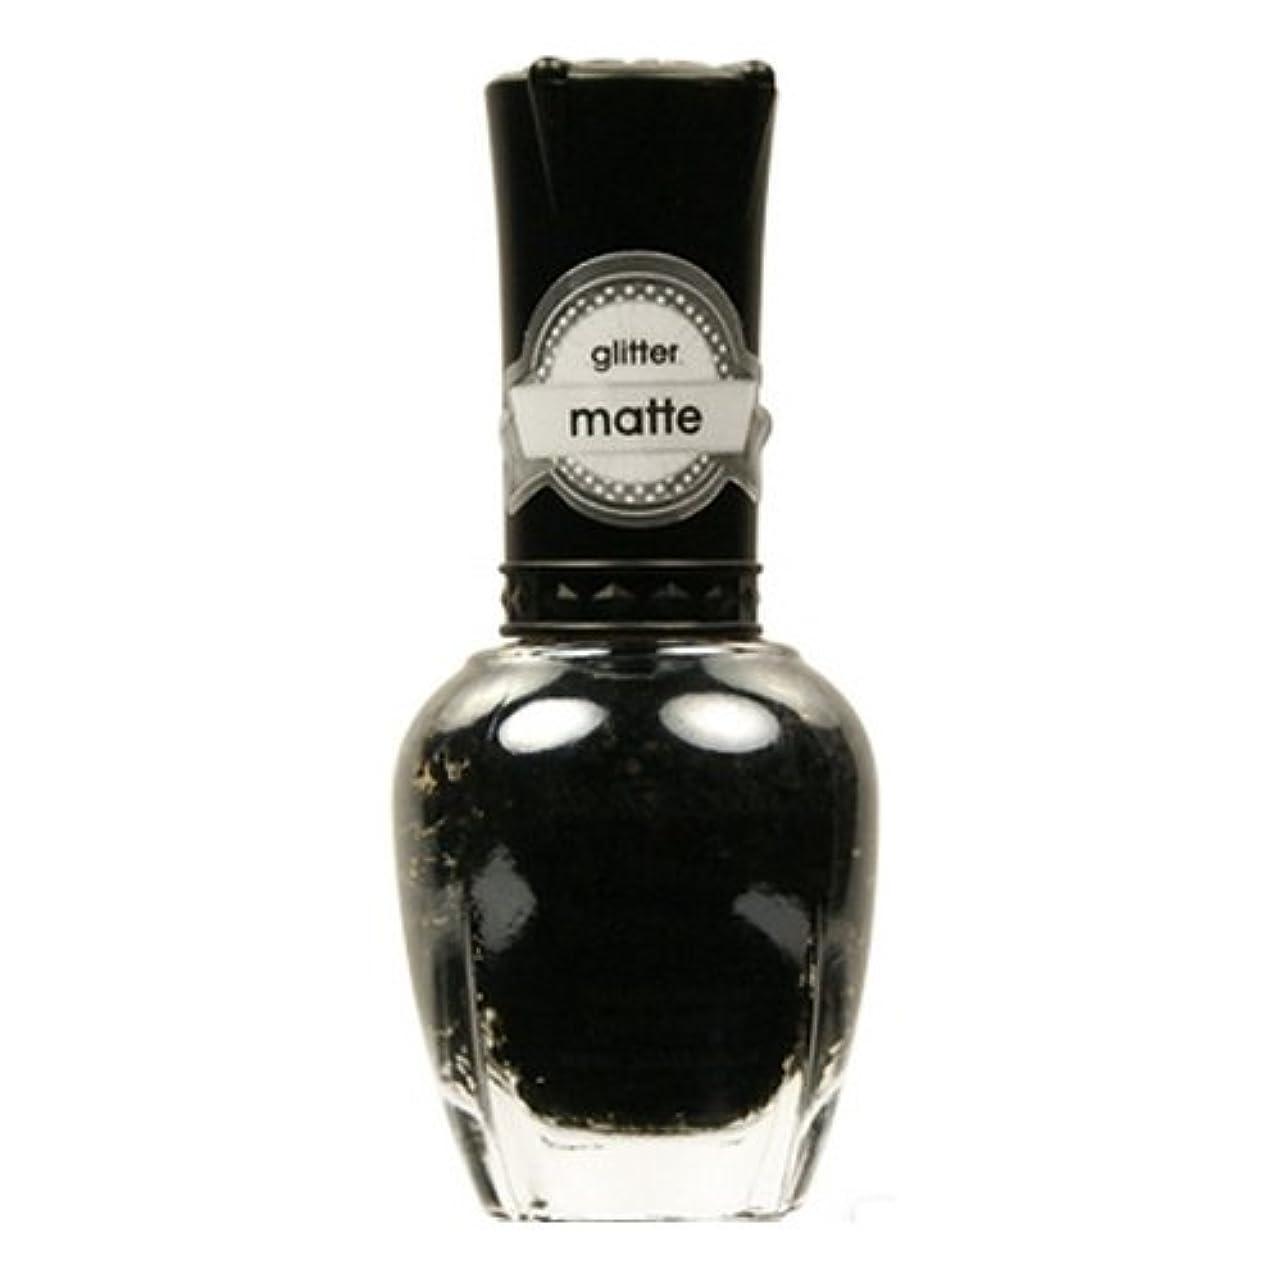 ラダアリーナスパイラルKLEANCOLOR Glitter Matte Nail Lacquer - Beyond Time & Space (並行輸入品)